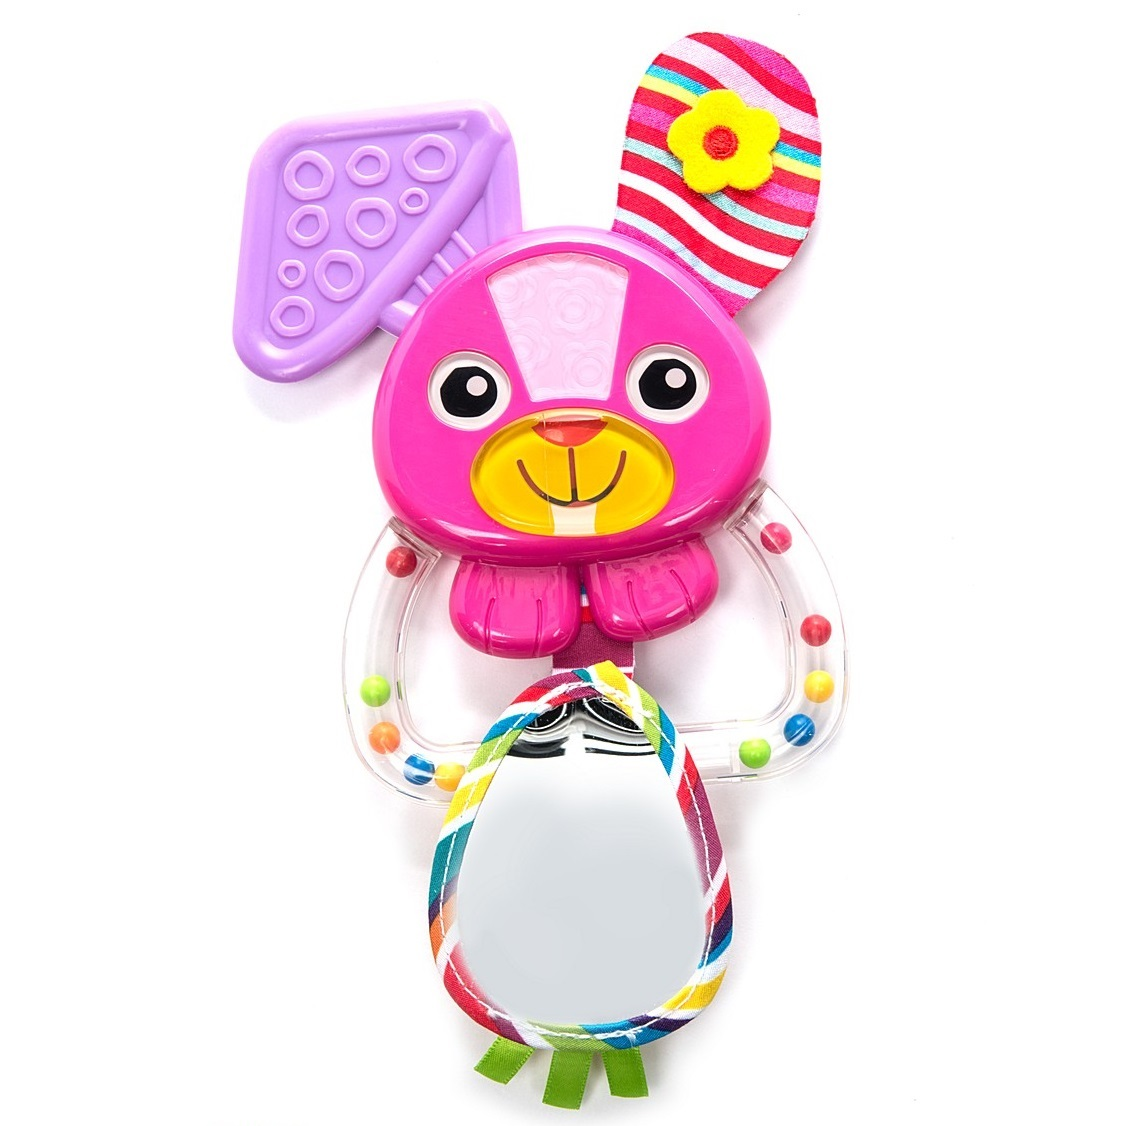 Погремушка «Зайка Белла»Детские погремушки и подвесные игрушки на кроватку<br>Погремушка «Зайка Белла»<br>